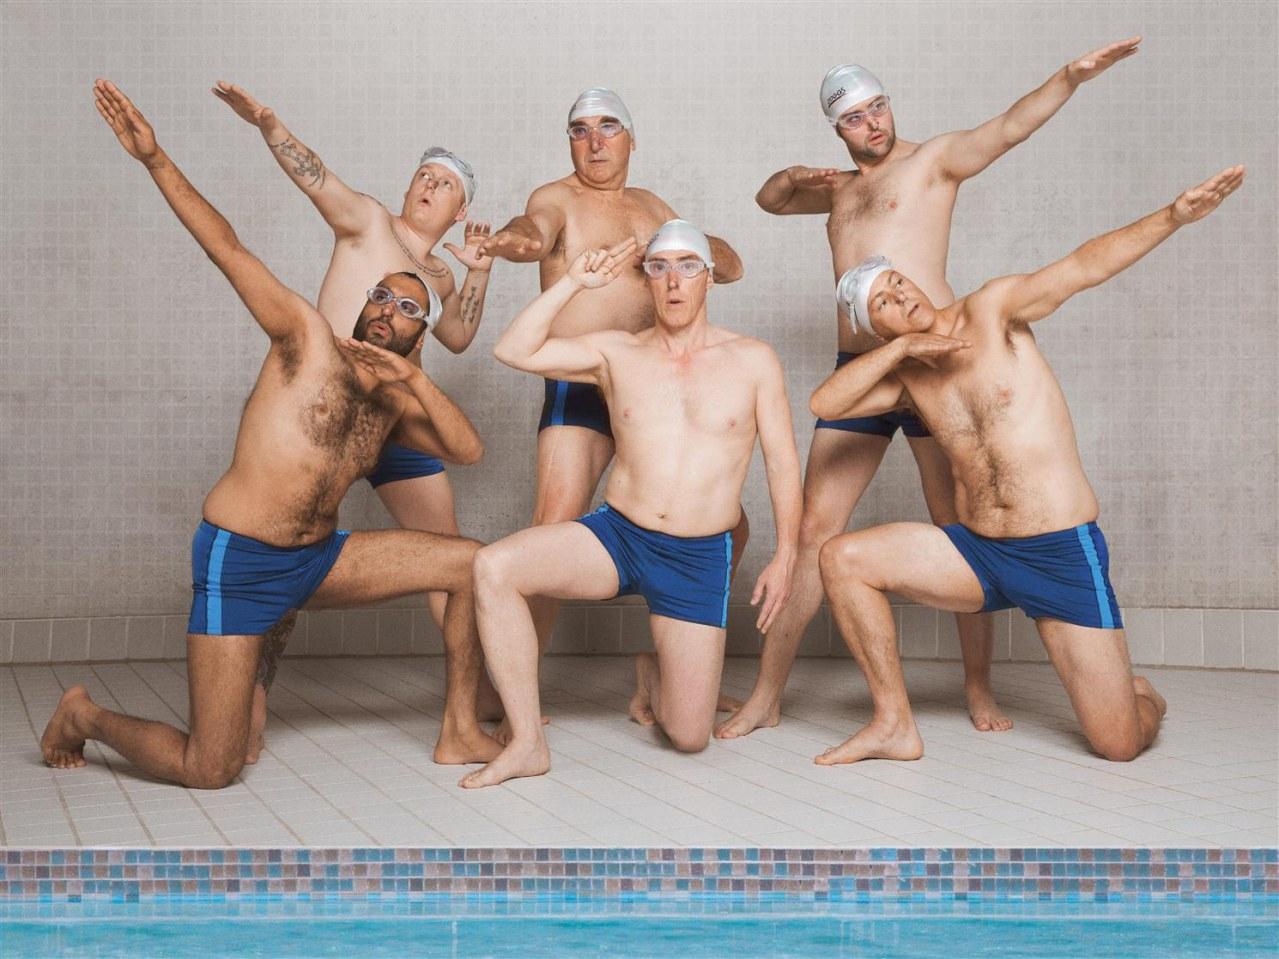 Swimming with Men - Ballett in Badehosen - Bild 4